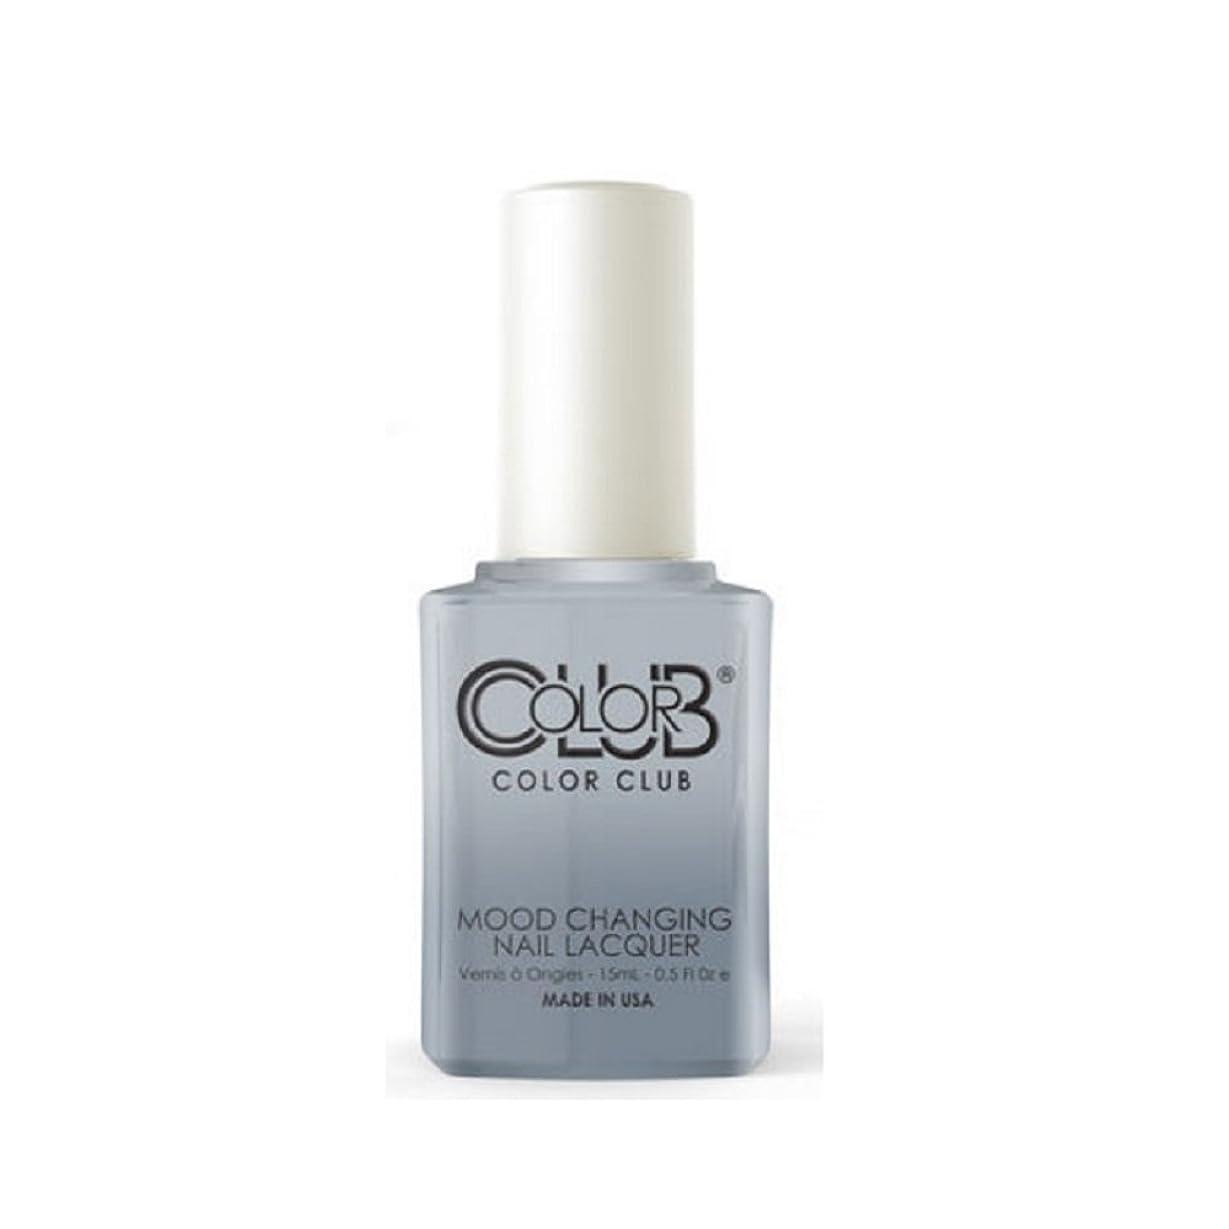 動員する可聴ステープルColor Club Mood Changing Nail Lacquer - Head in the Clouds - 15 mL / 0.5 fl oz